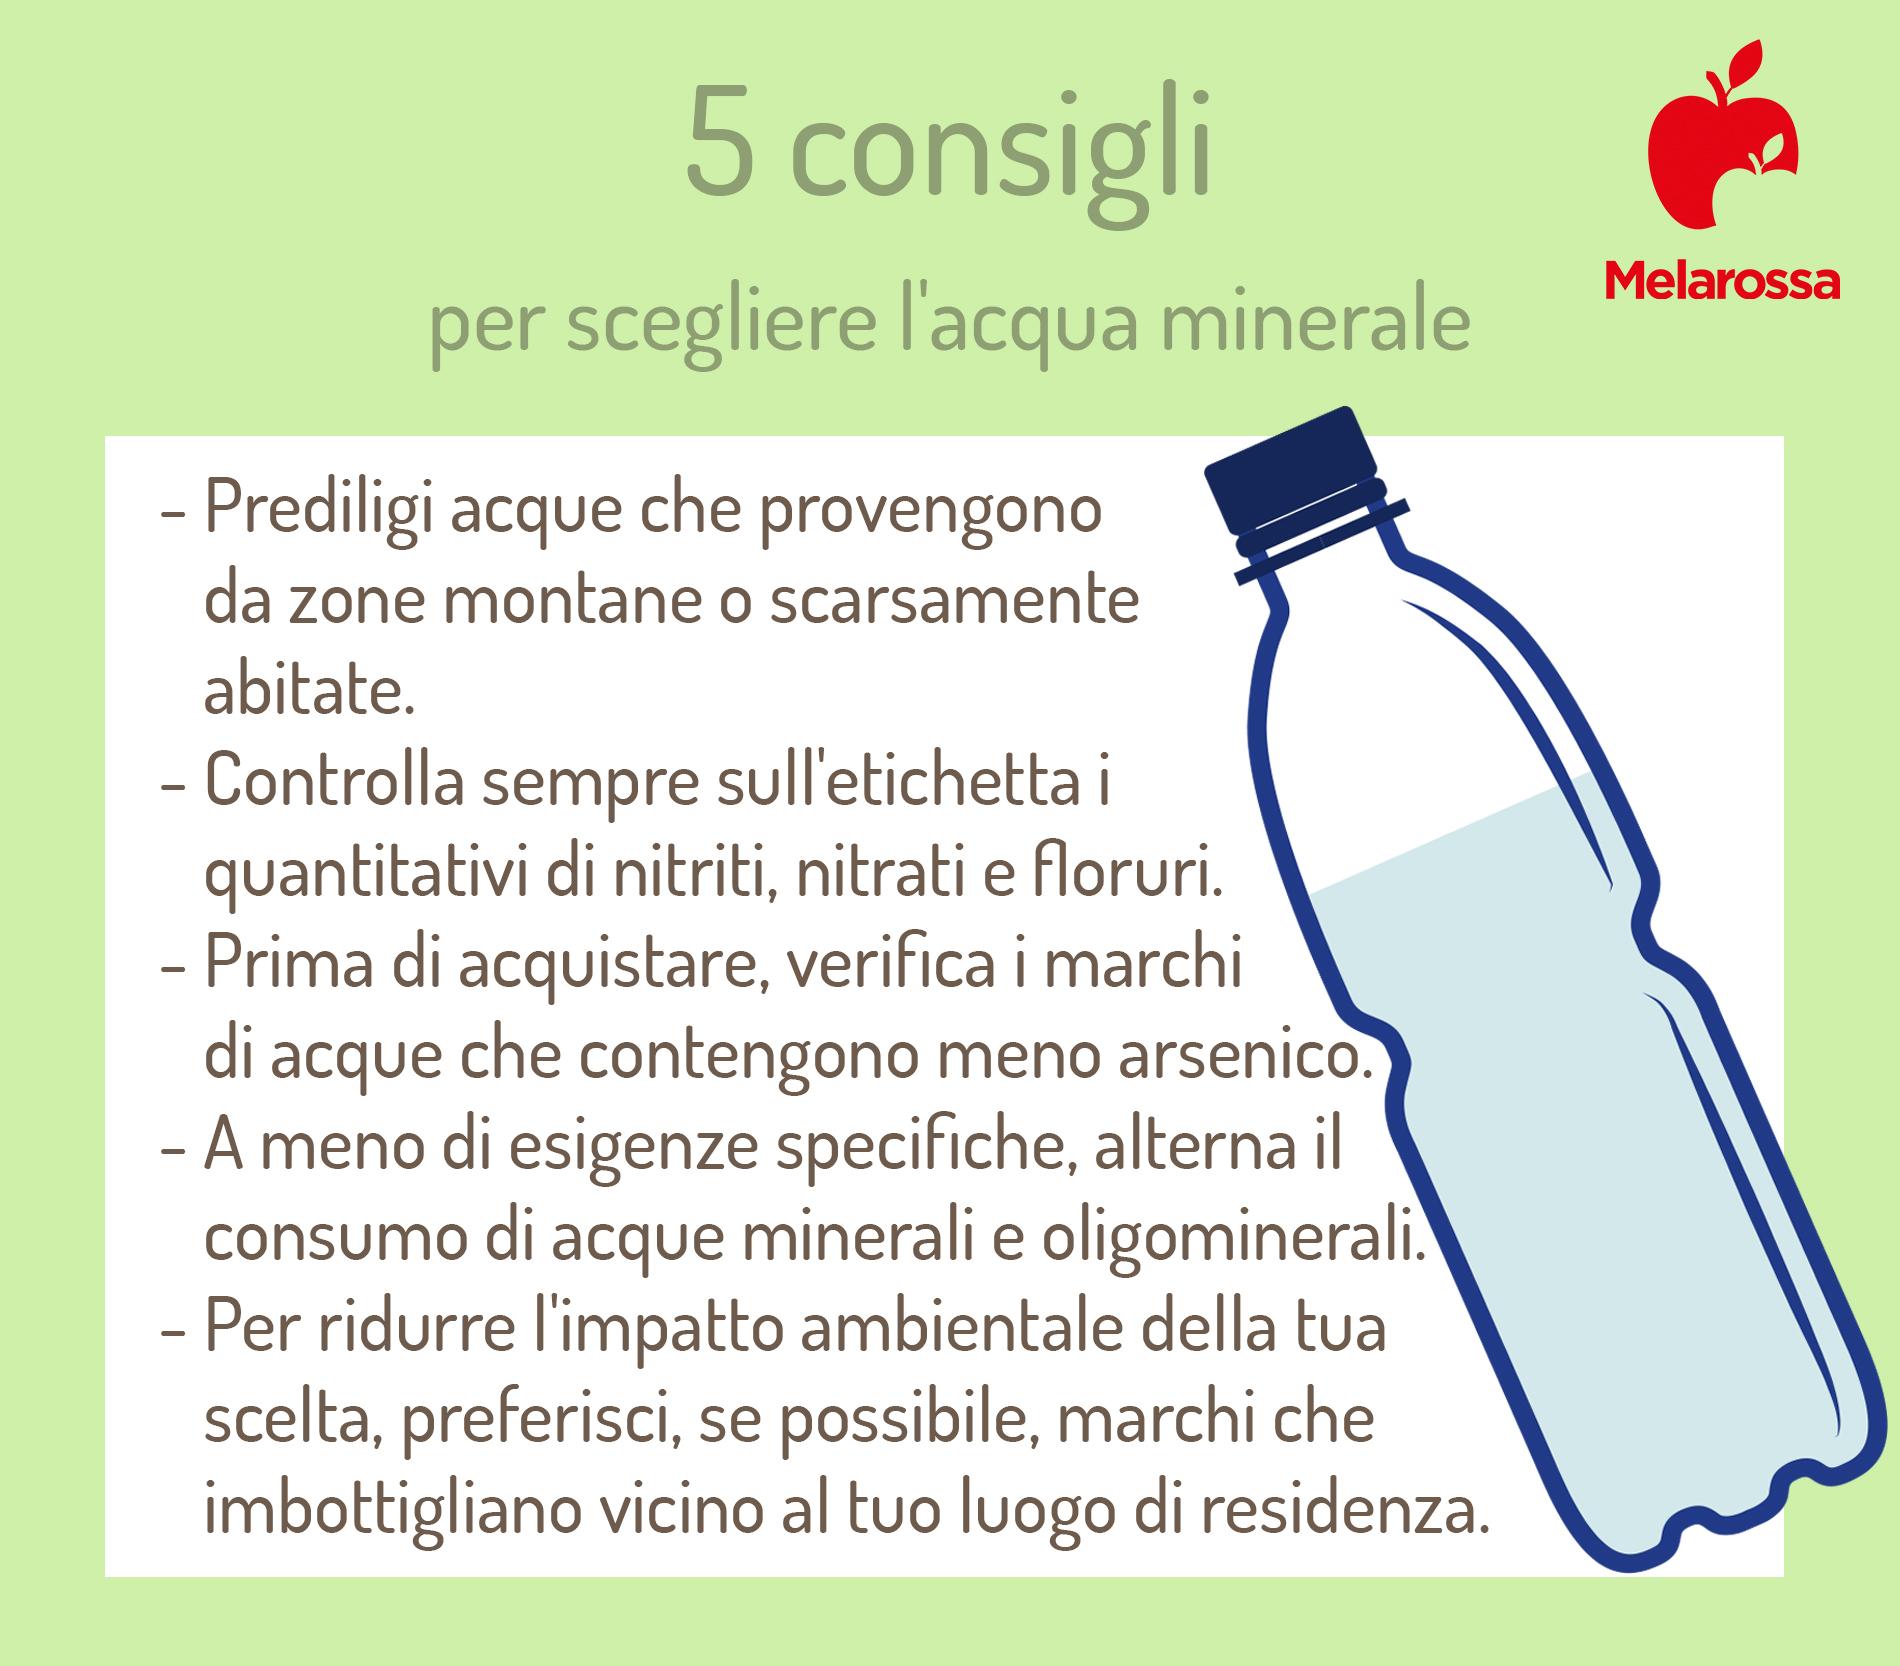 acqua minerale: consigli per sceglierla